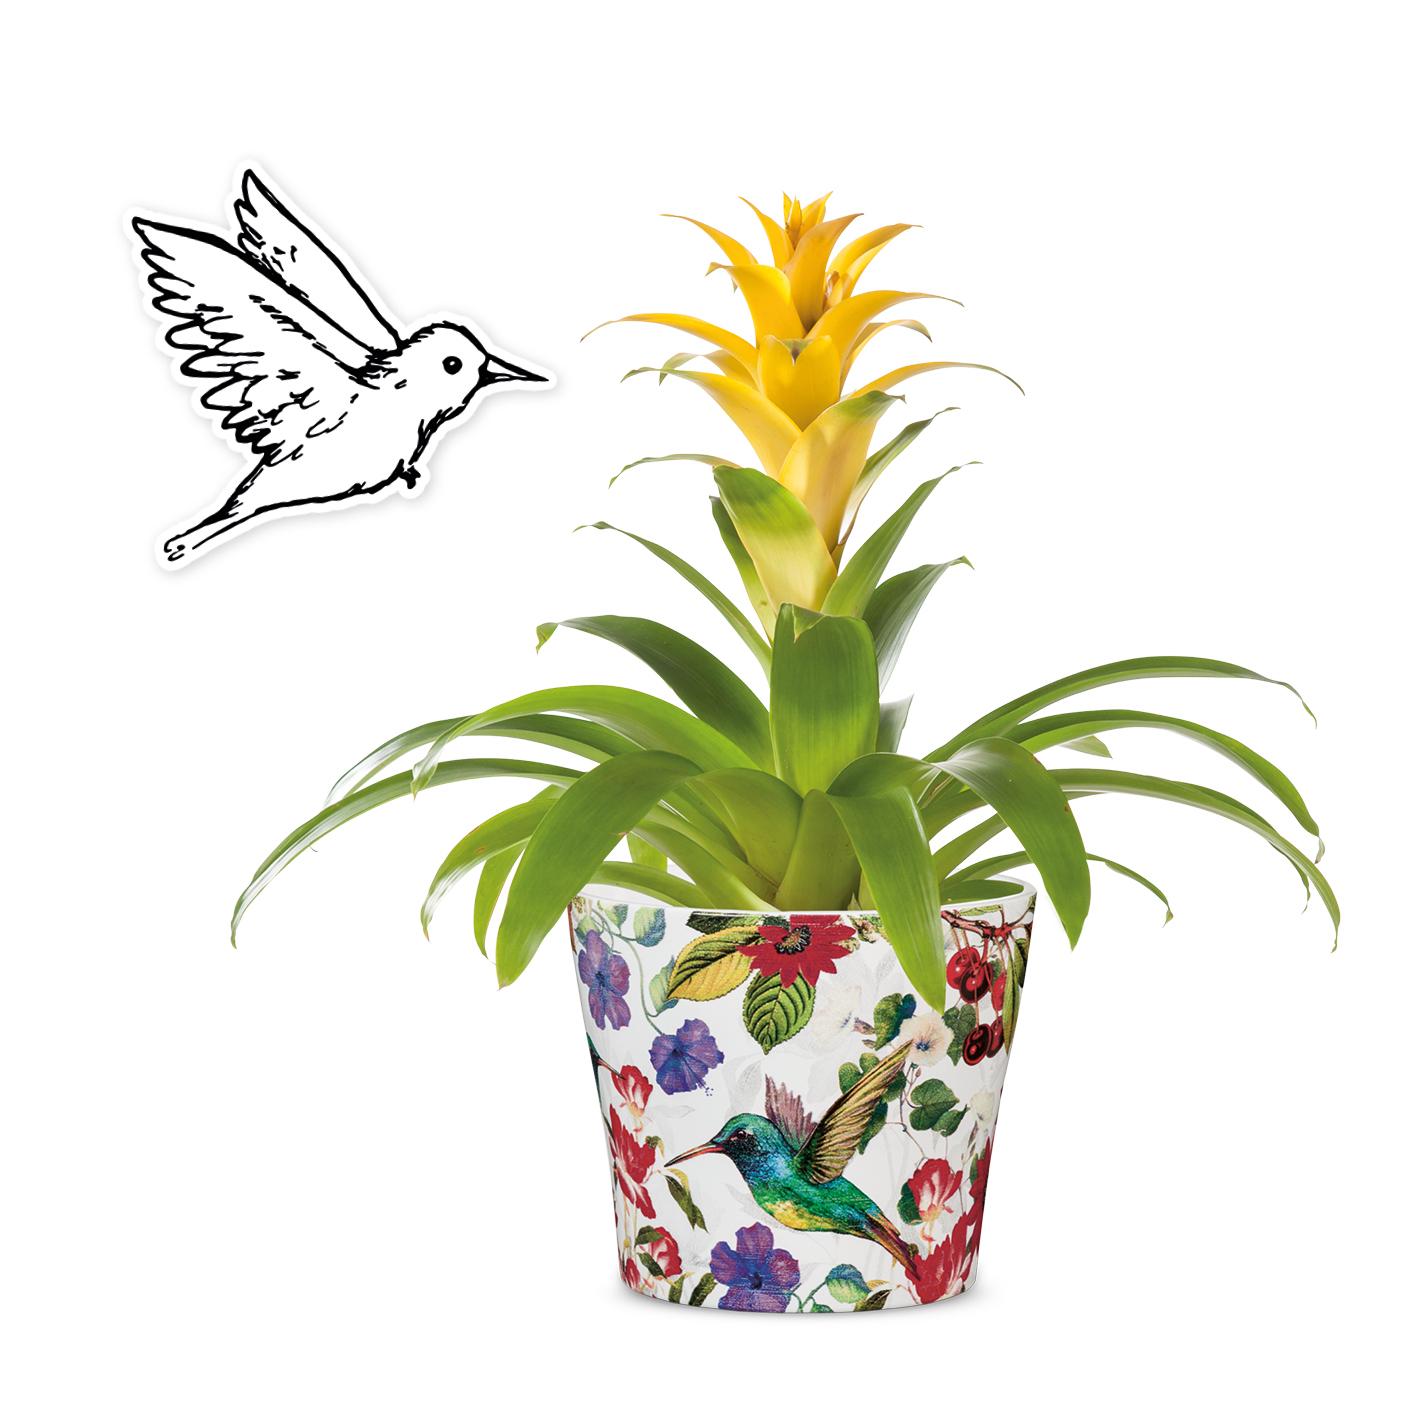 Keramik Übertopf Tropicana mit gelb blühender Zimmerpflanze